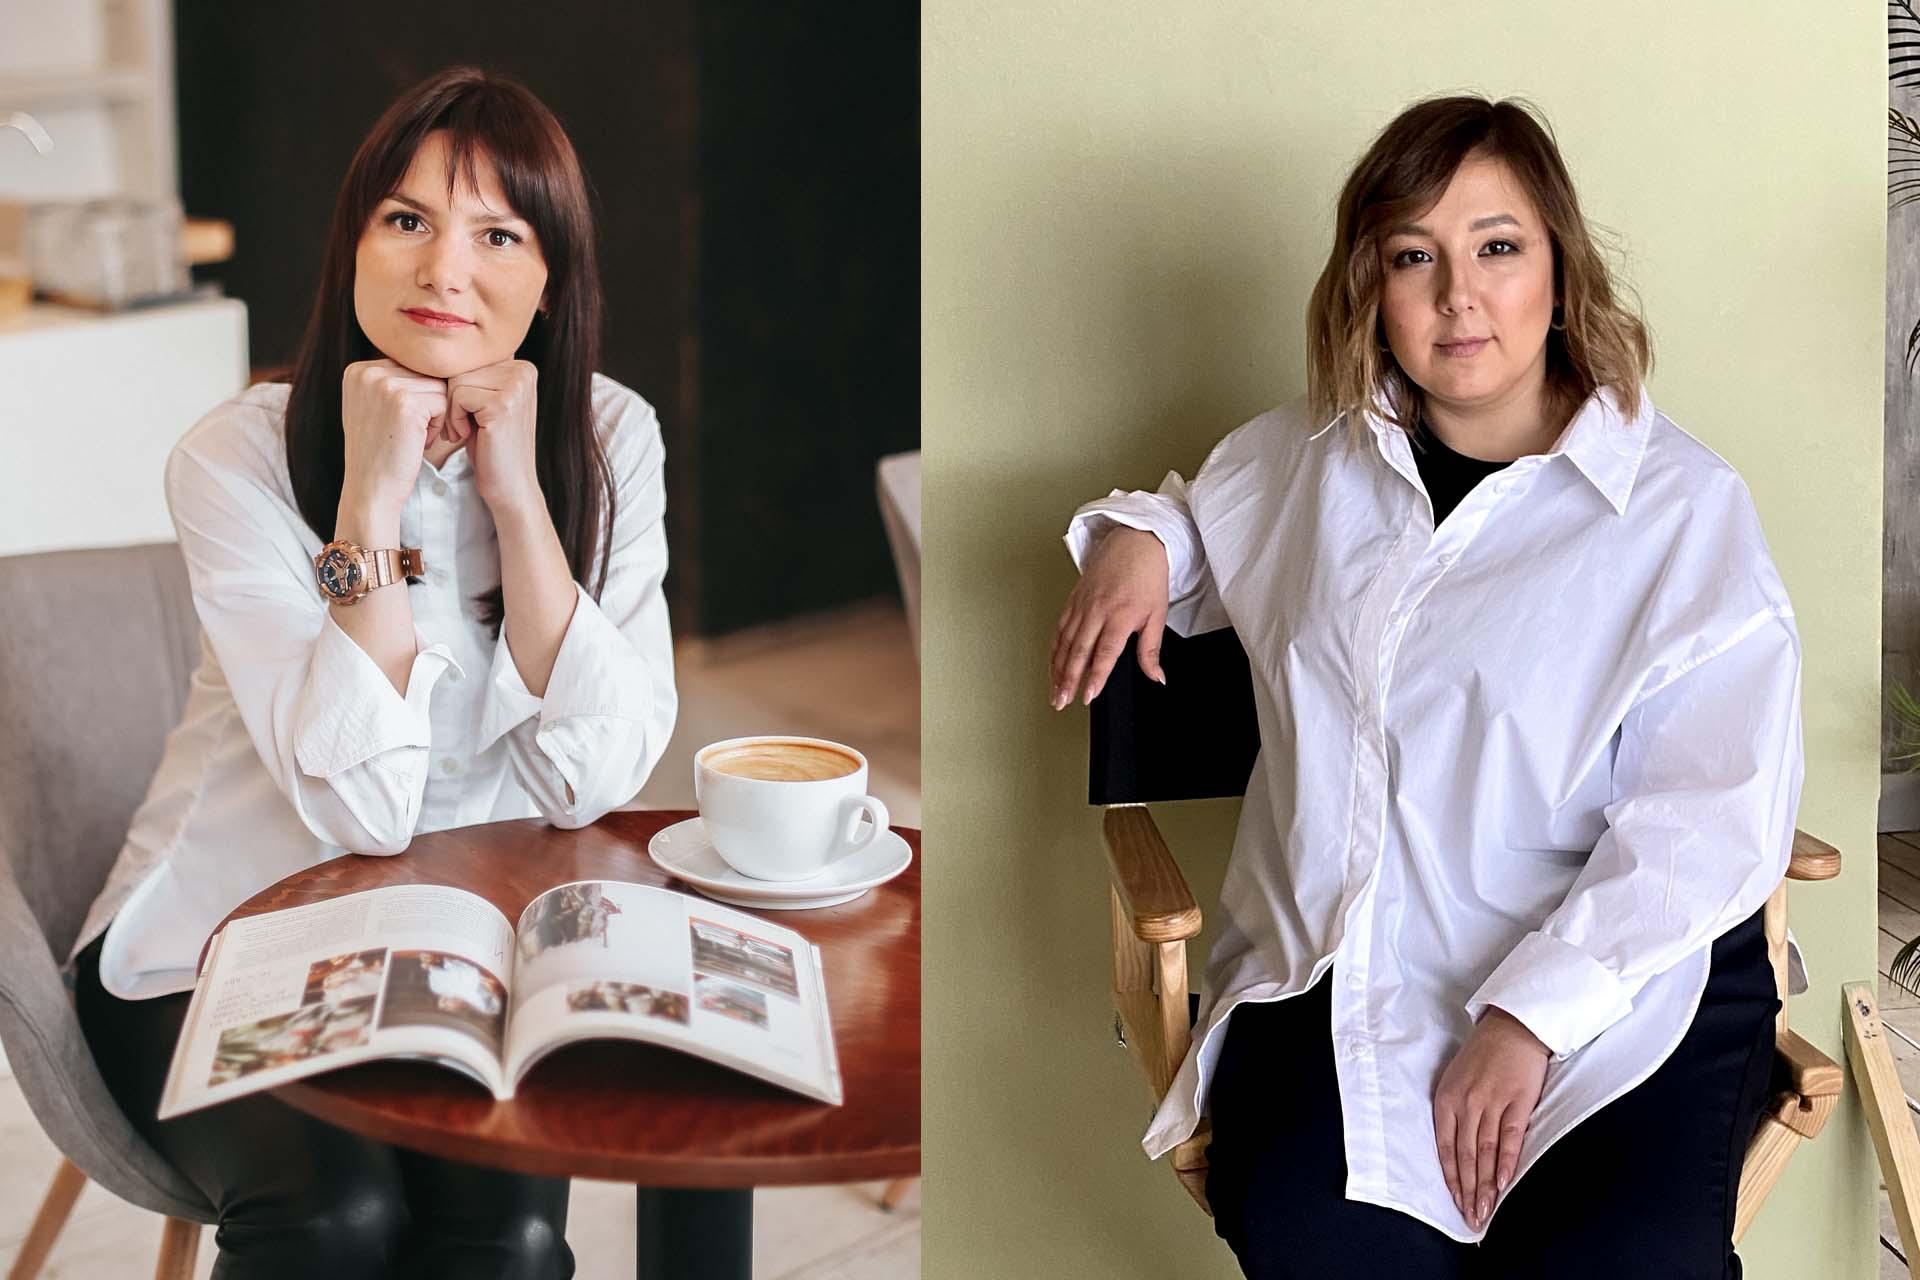 Анастасия Косырева и Анна Мелешкина. Коучинговый подход в управлении